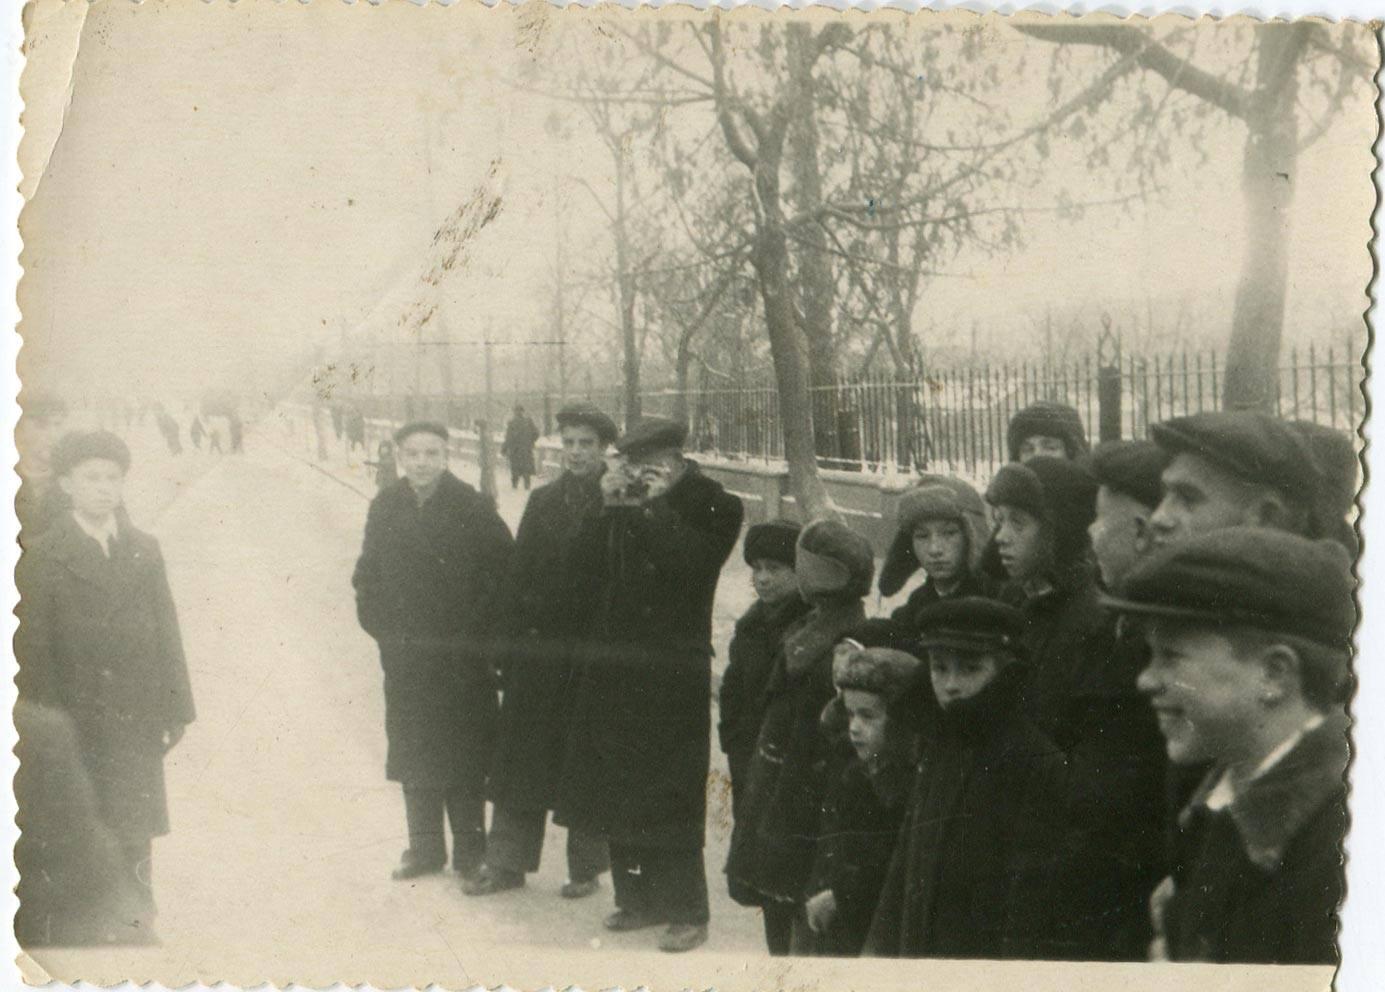 1952. Ребята собрались на демонстрацию. Черное озеро. 7 ноября